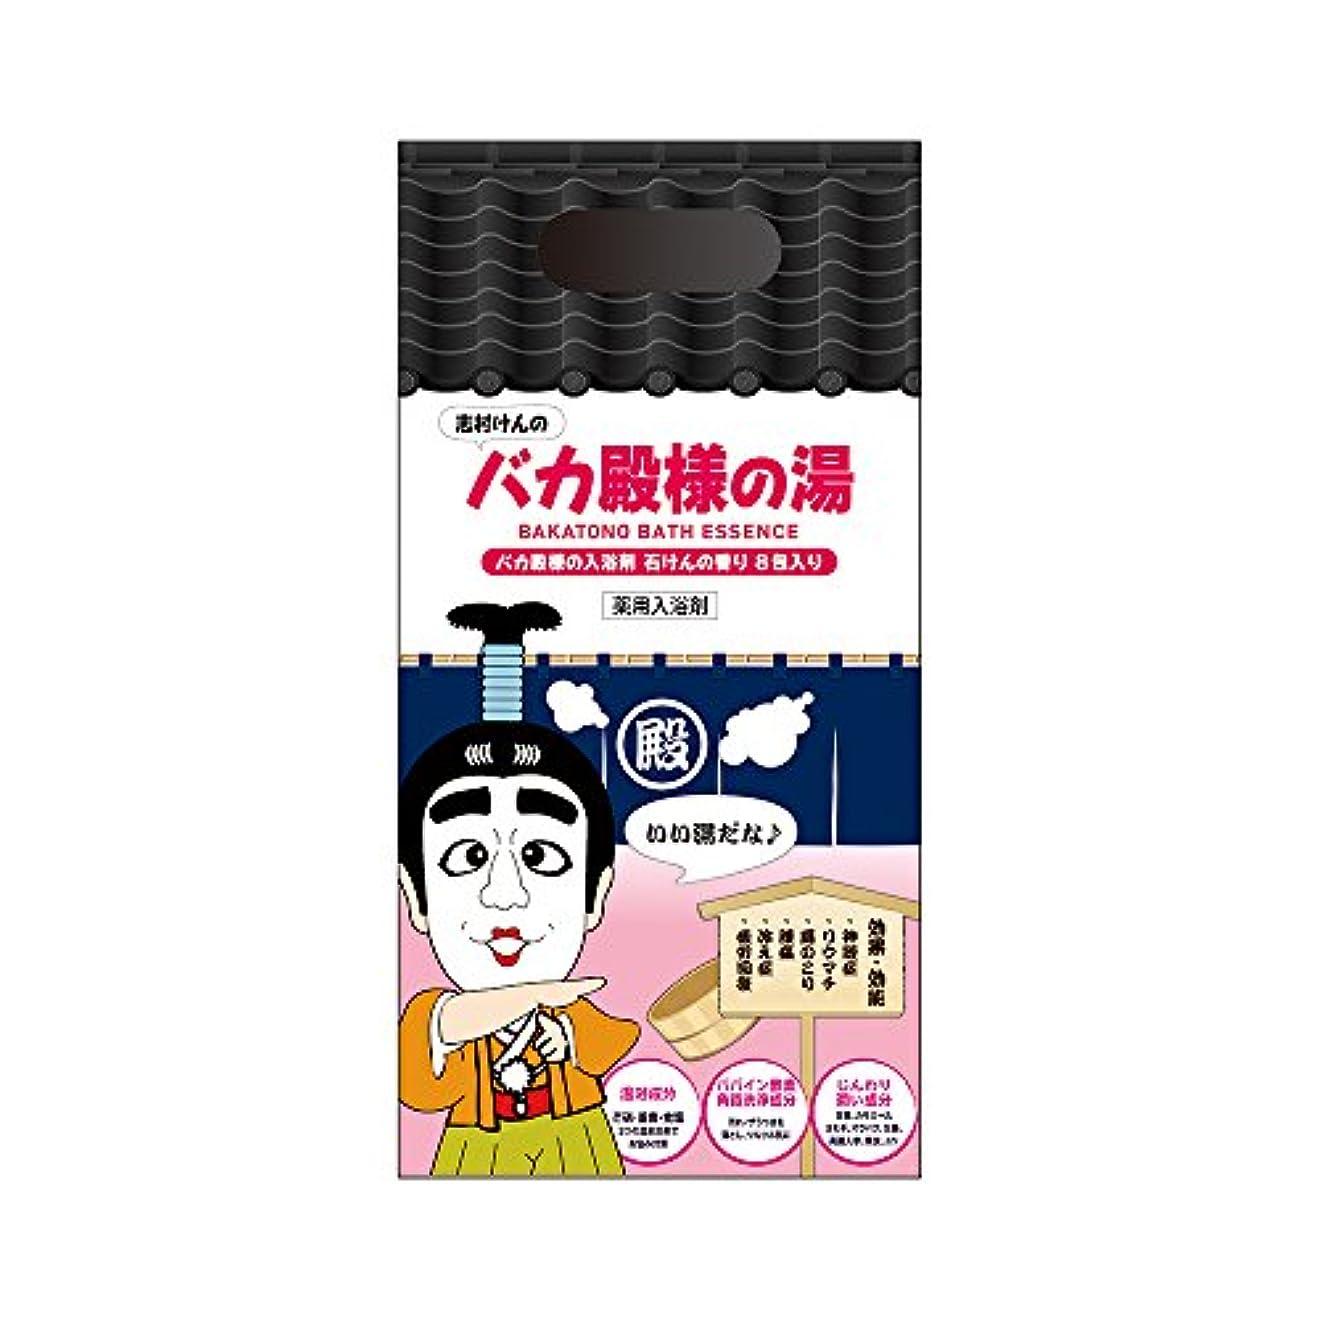 作り牽引貫通する志村けんのバカ殿様の湯 バカ殿様の入浴剤 石けんの香り (25g × 8包入り)